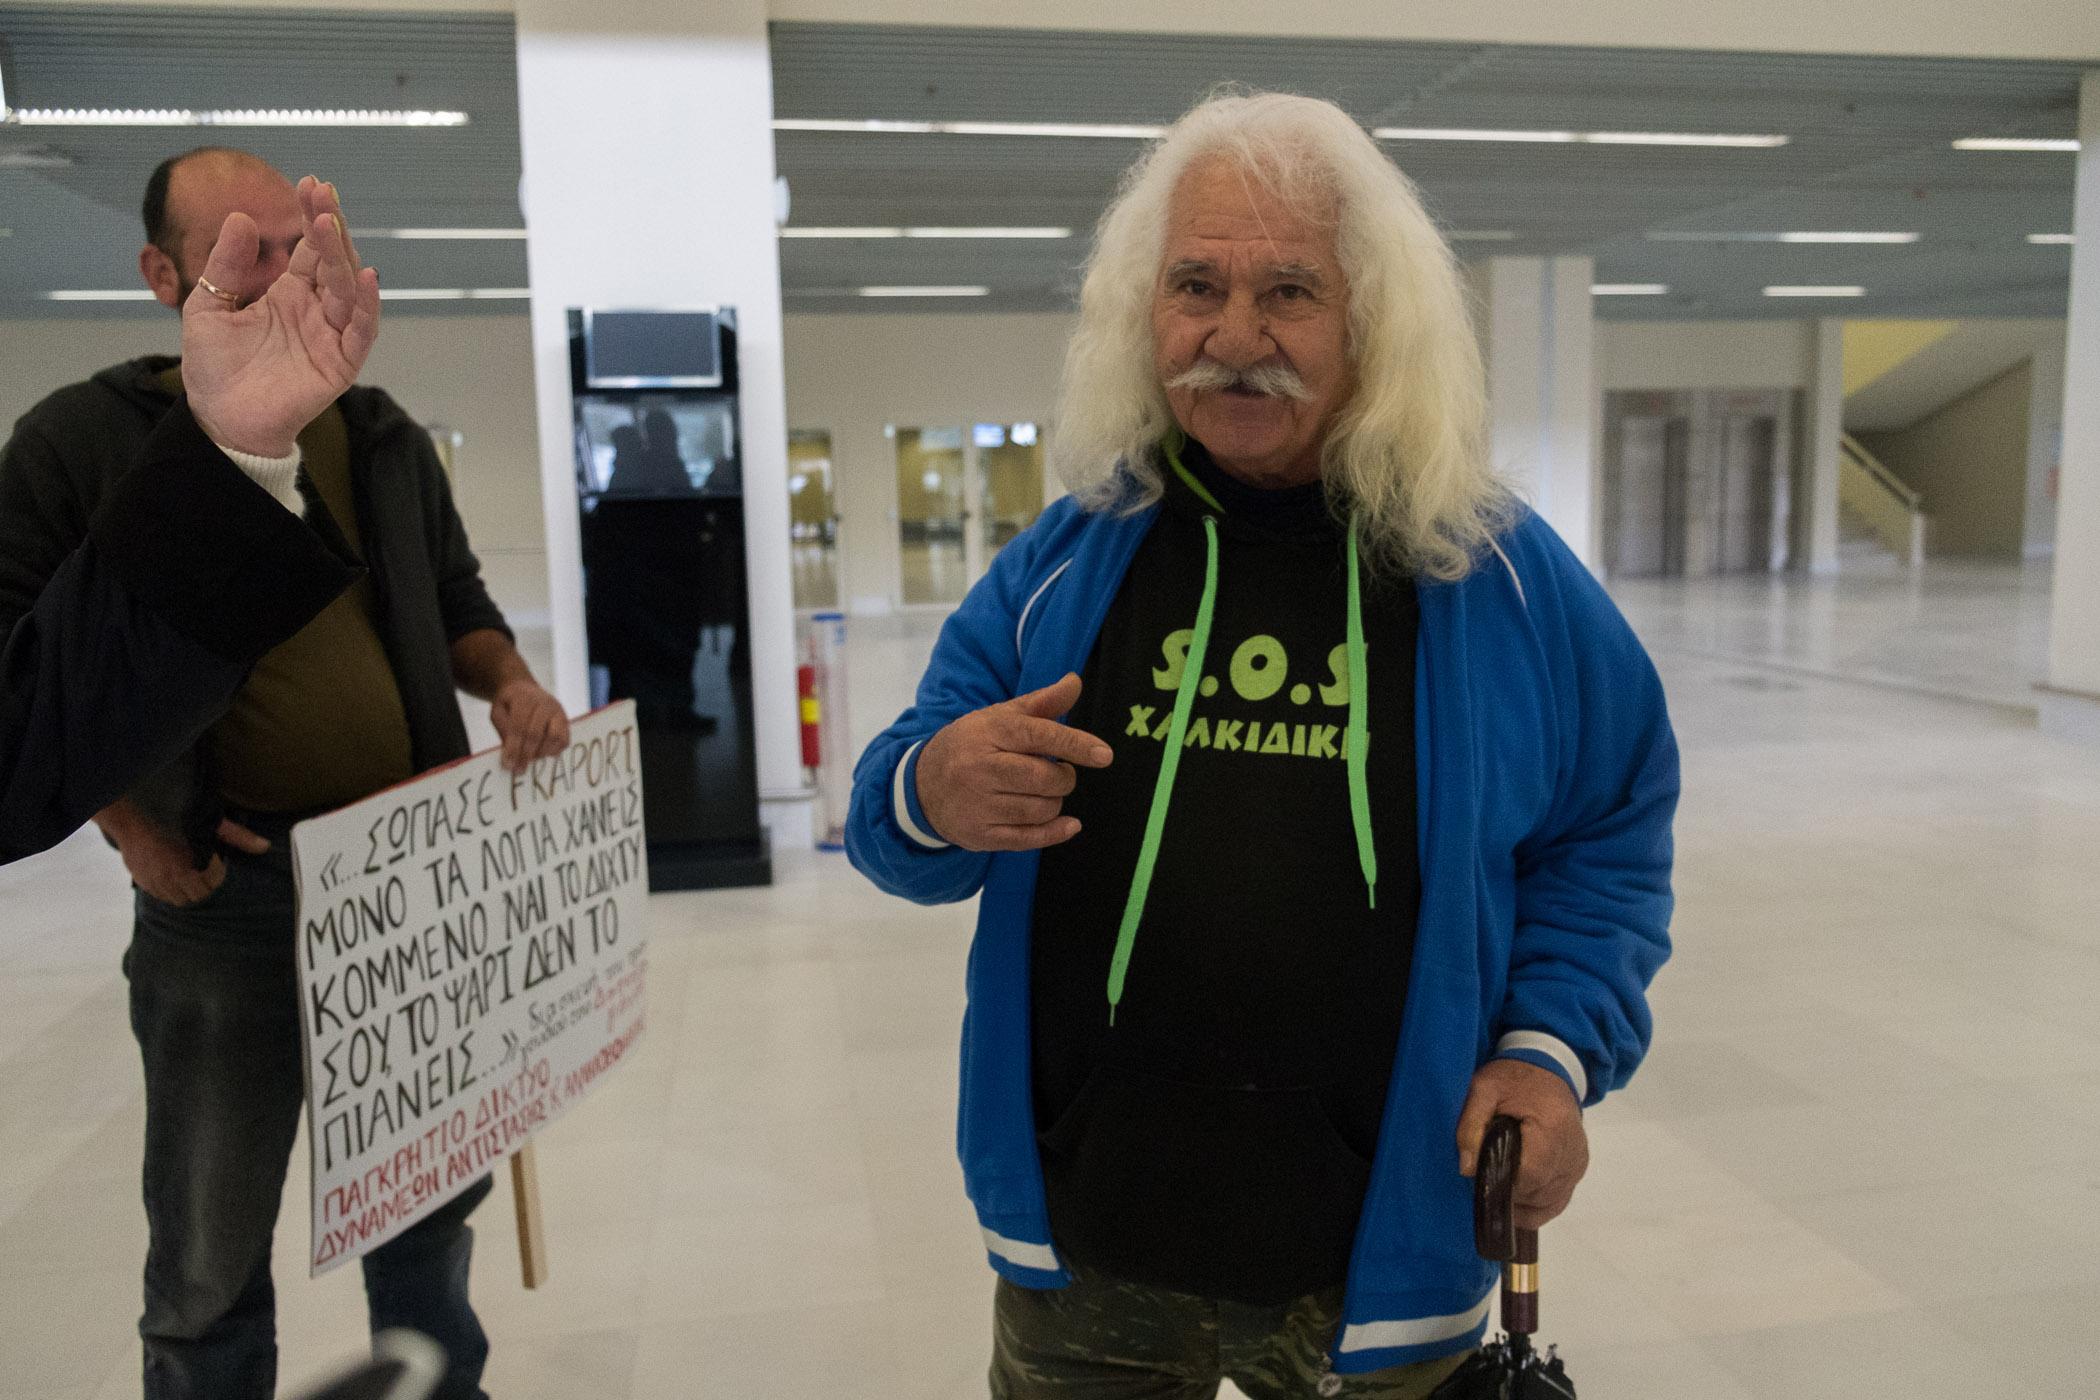 O κ. Δημήτρης Κυριακάκης είχε πολλές μαντινάδες να πει για τον αγώνα ενάντια στην εκποίηση των αεροδρομίων